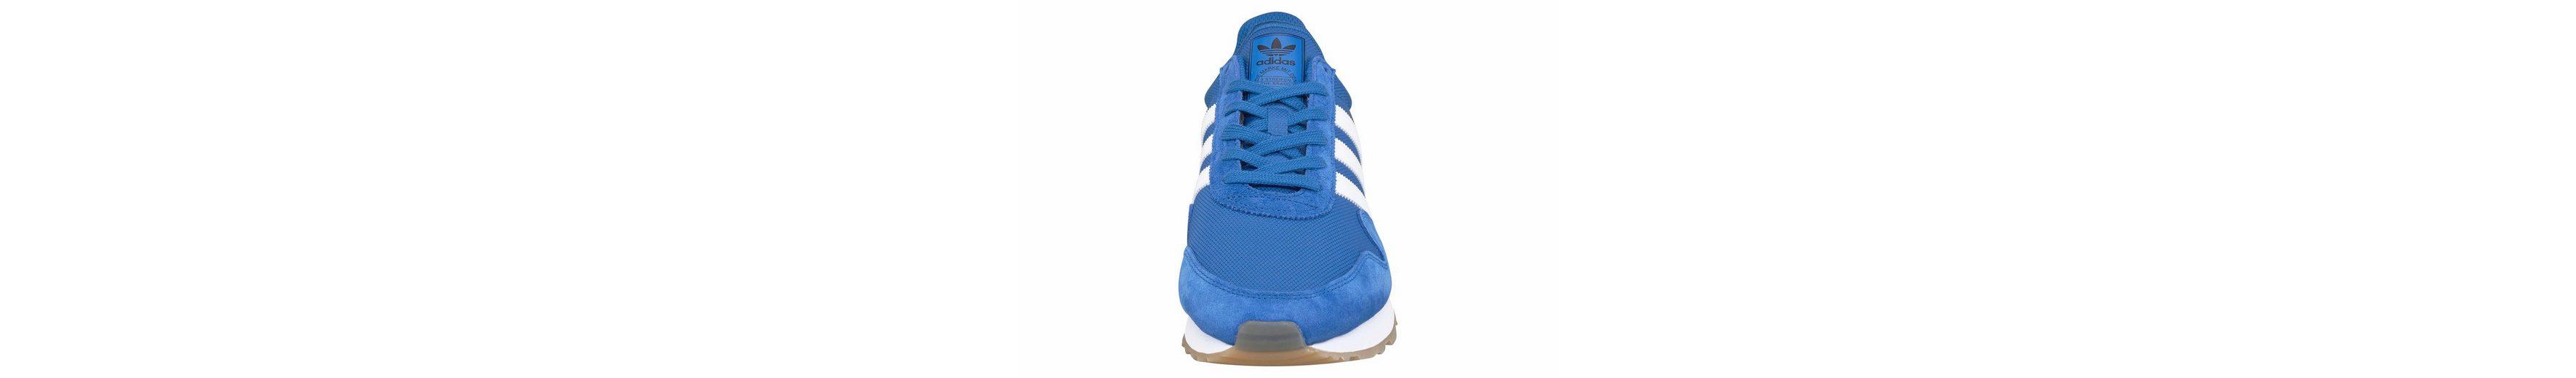 adidas Originals Haven Sneaker Billig Freies Verschiffen Billig Verkauf Sast Auslass Nicekicks Günstig Kaufen Shop exkq7c